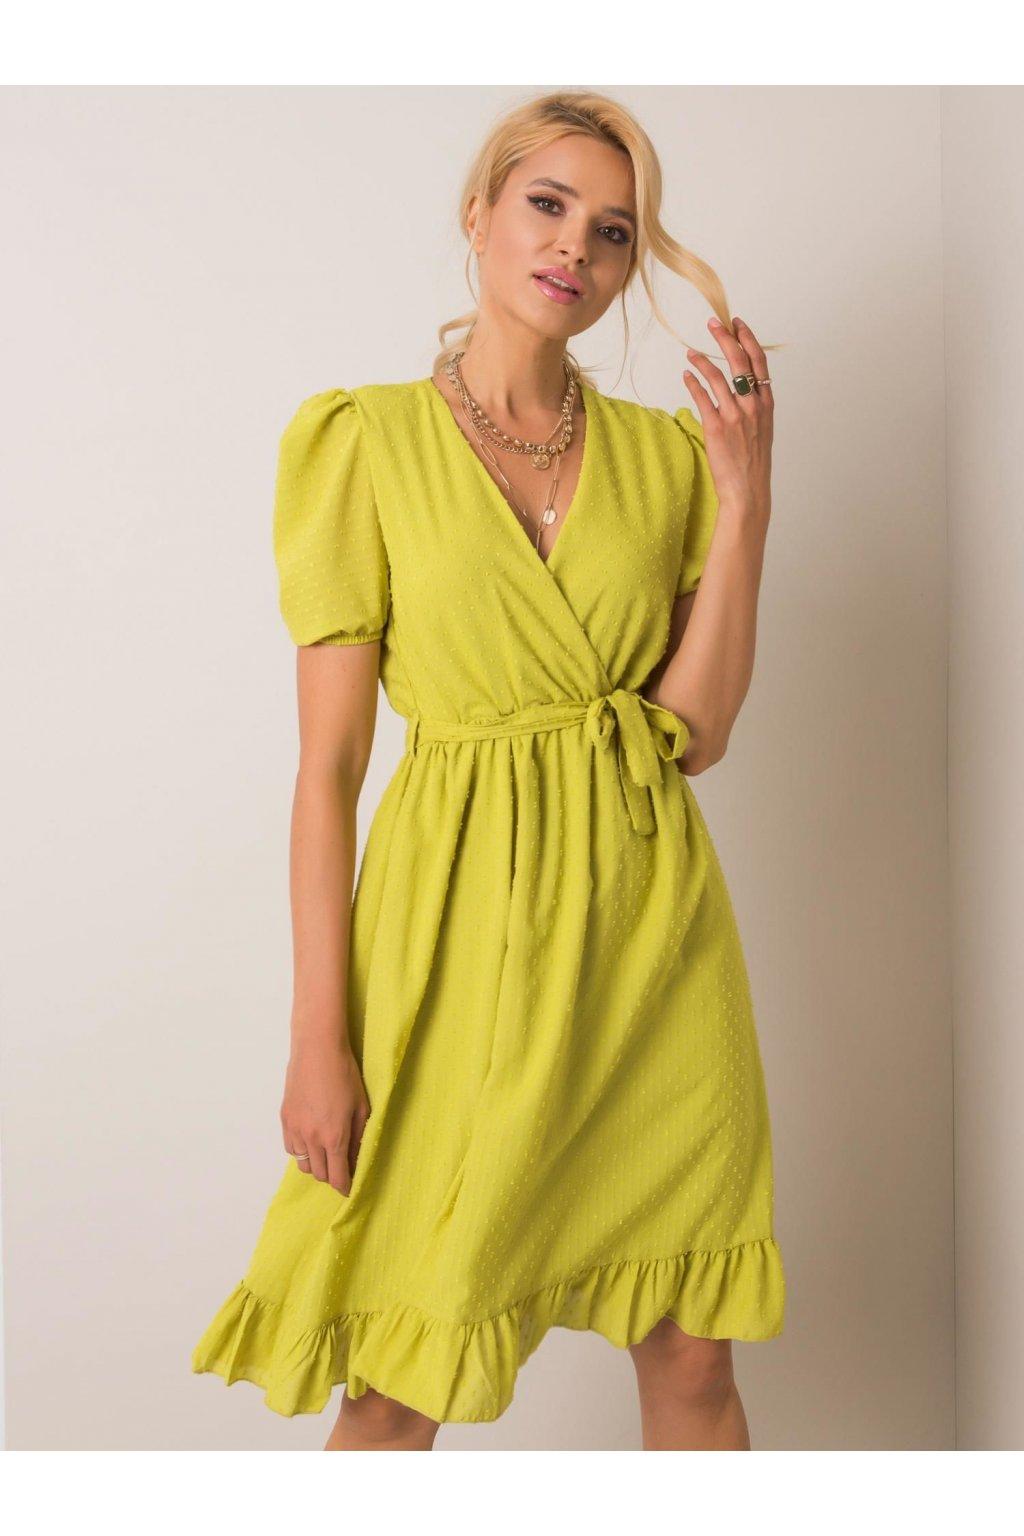 Elegantné zavinovacie šaty Colette zelené